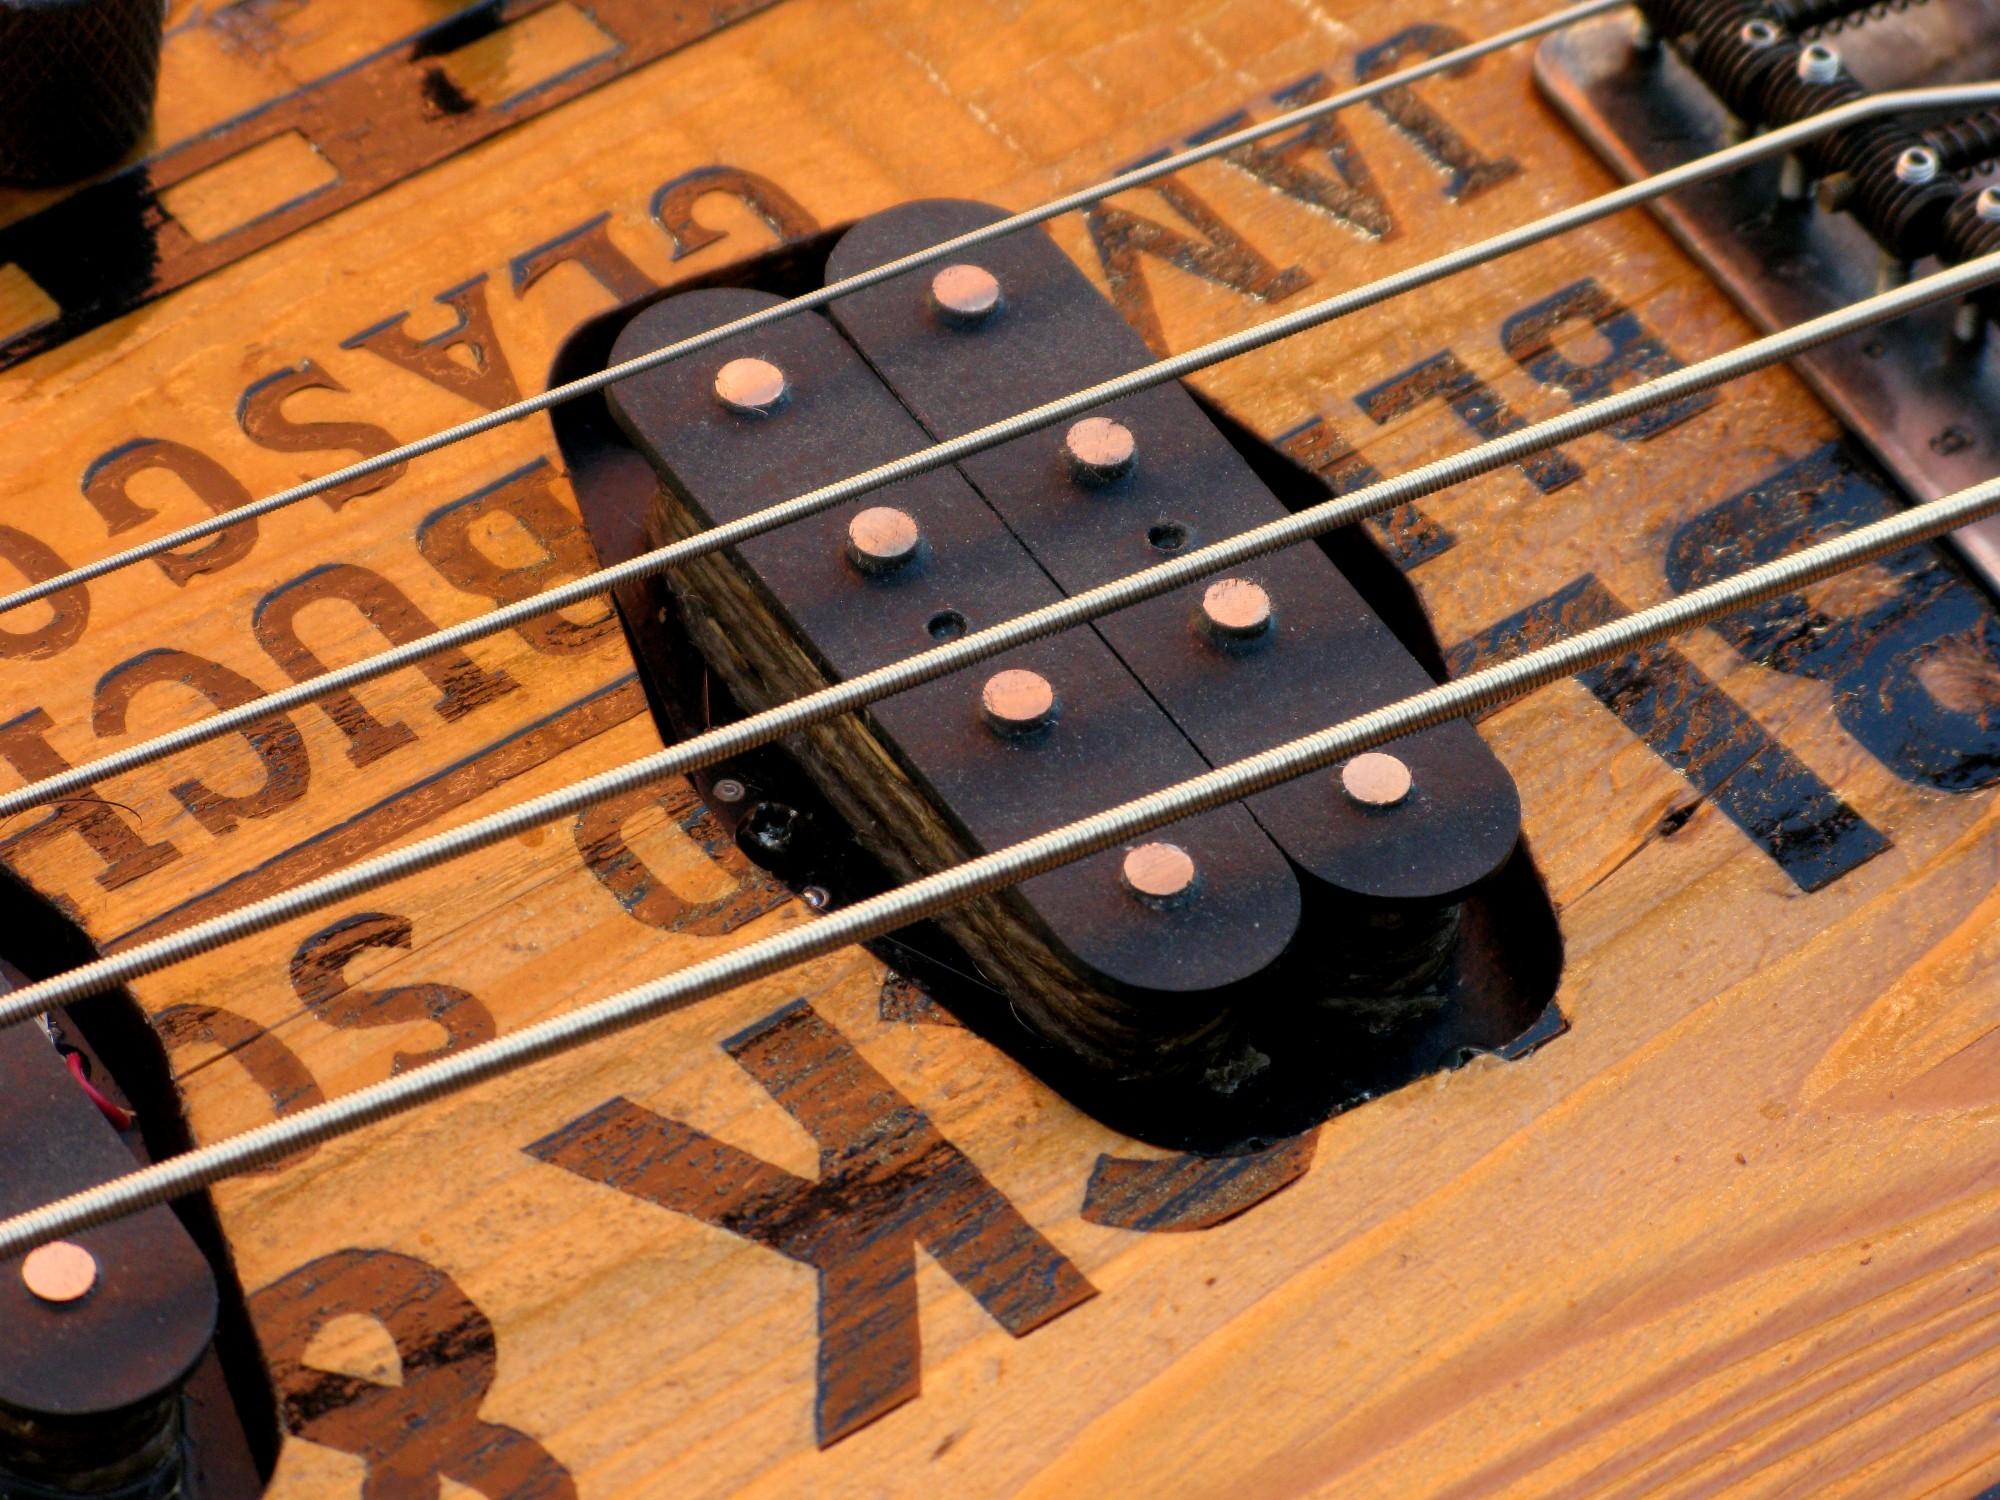 Pickup di un basso modello Precision col top ricavato da una cassetta di whiskey